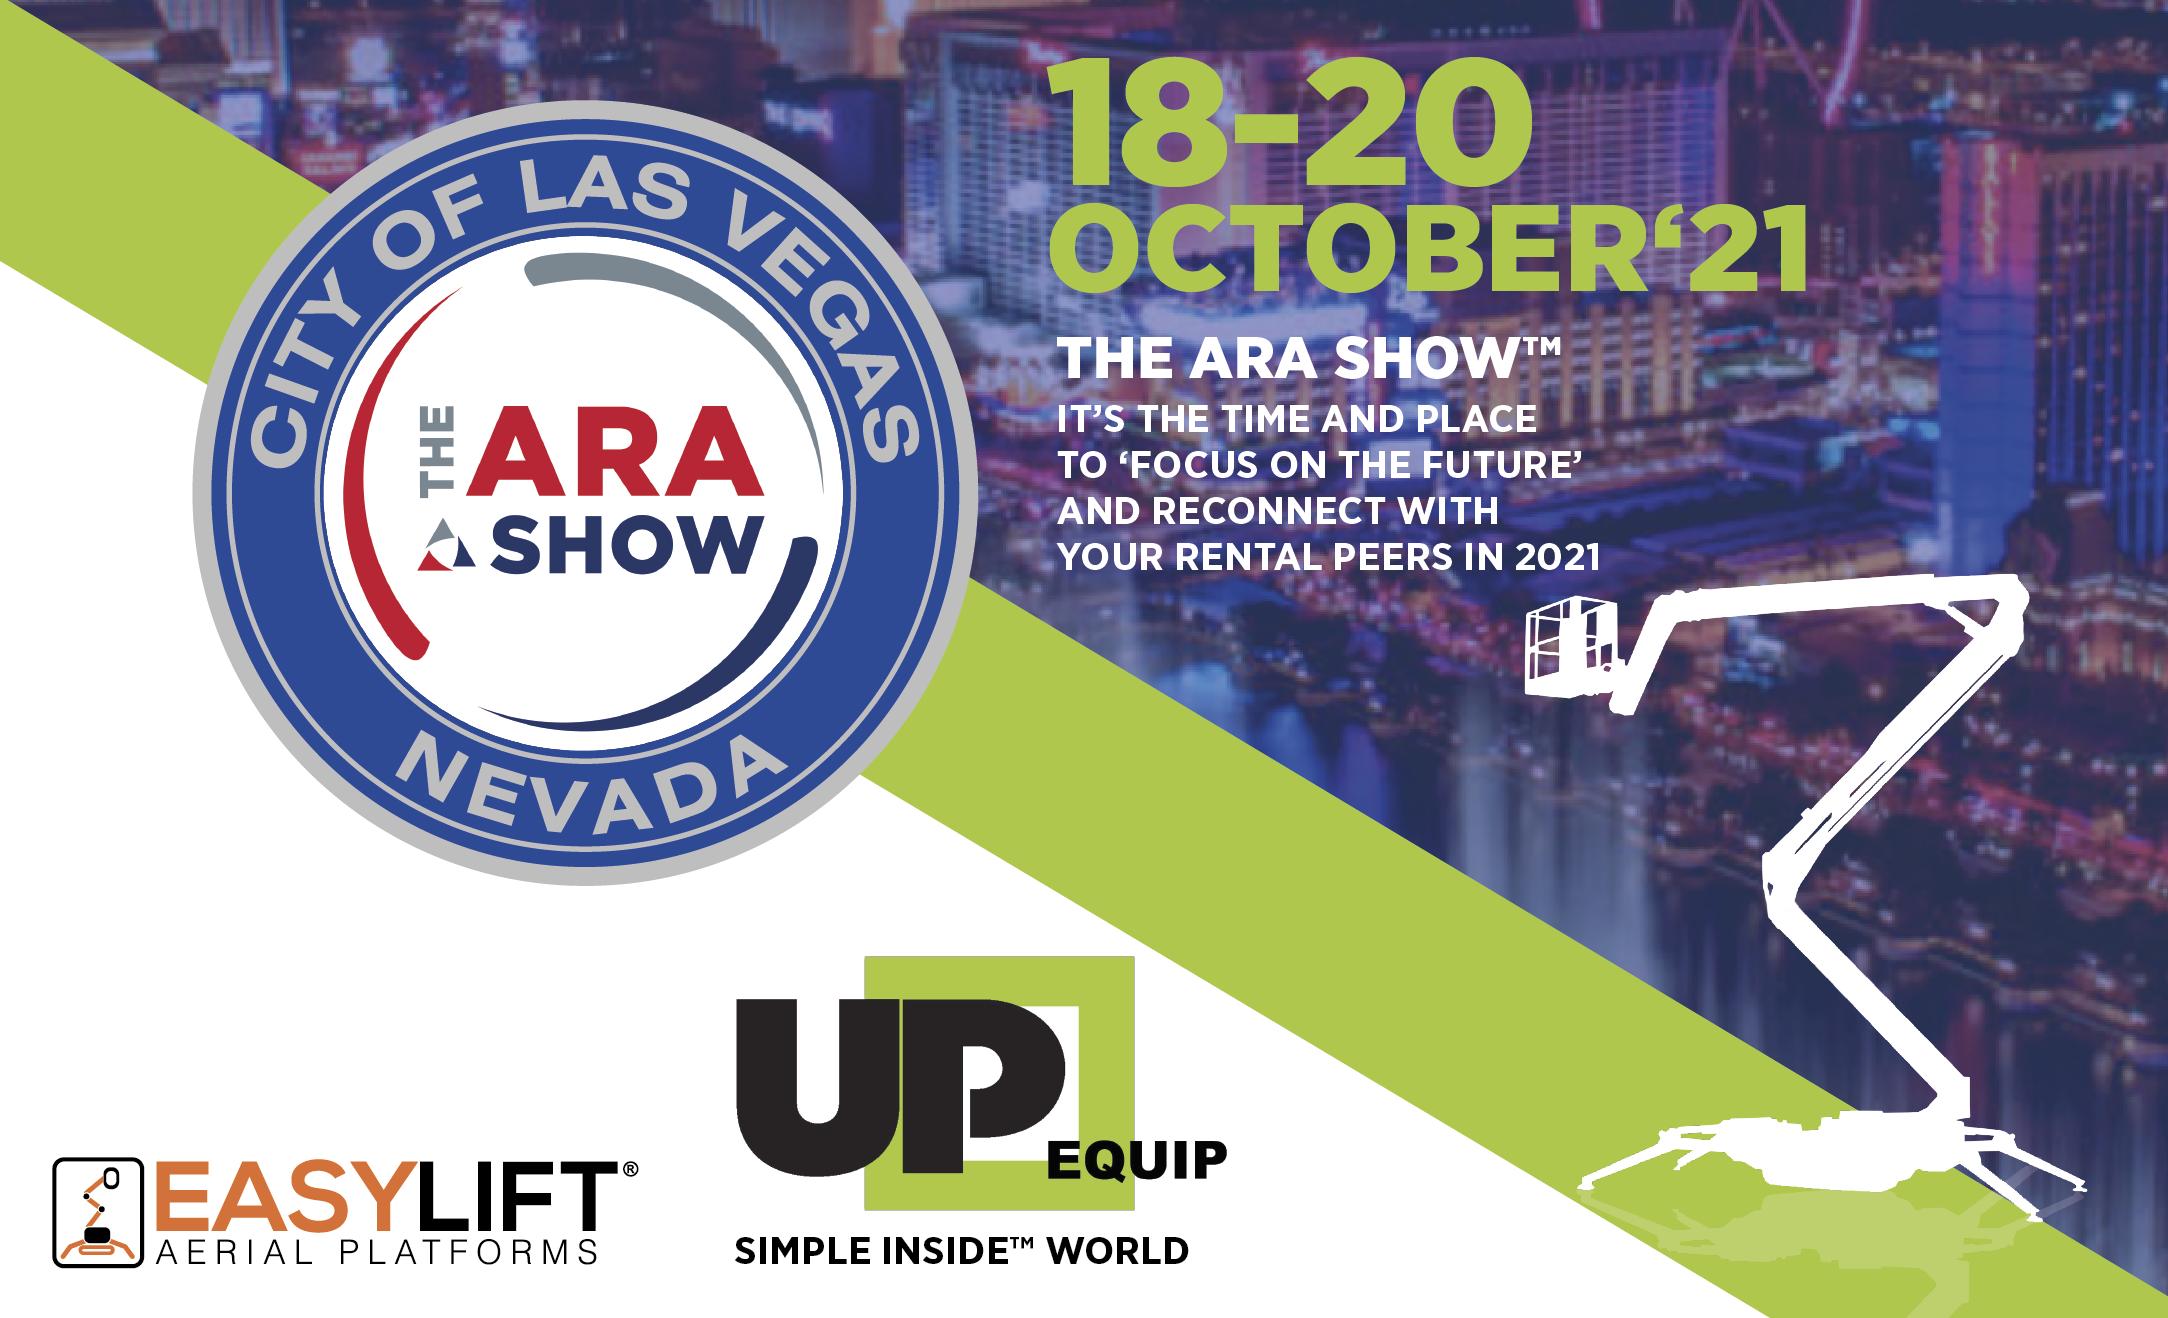 Le piattaforme cingolate Easy Lift all'ARA SHOW 2021!